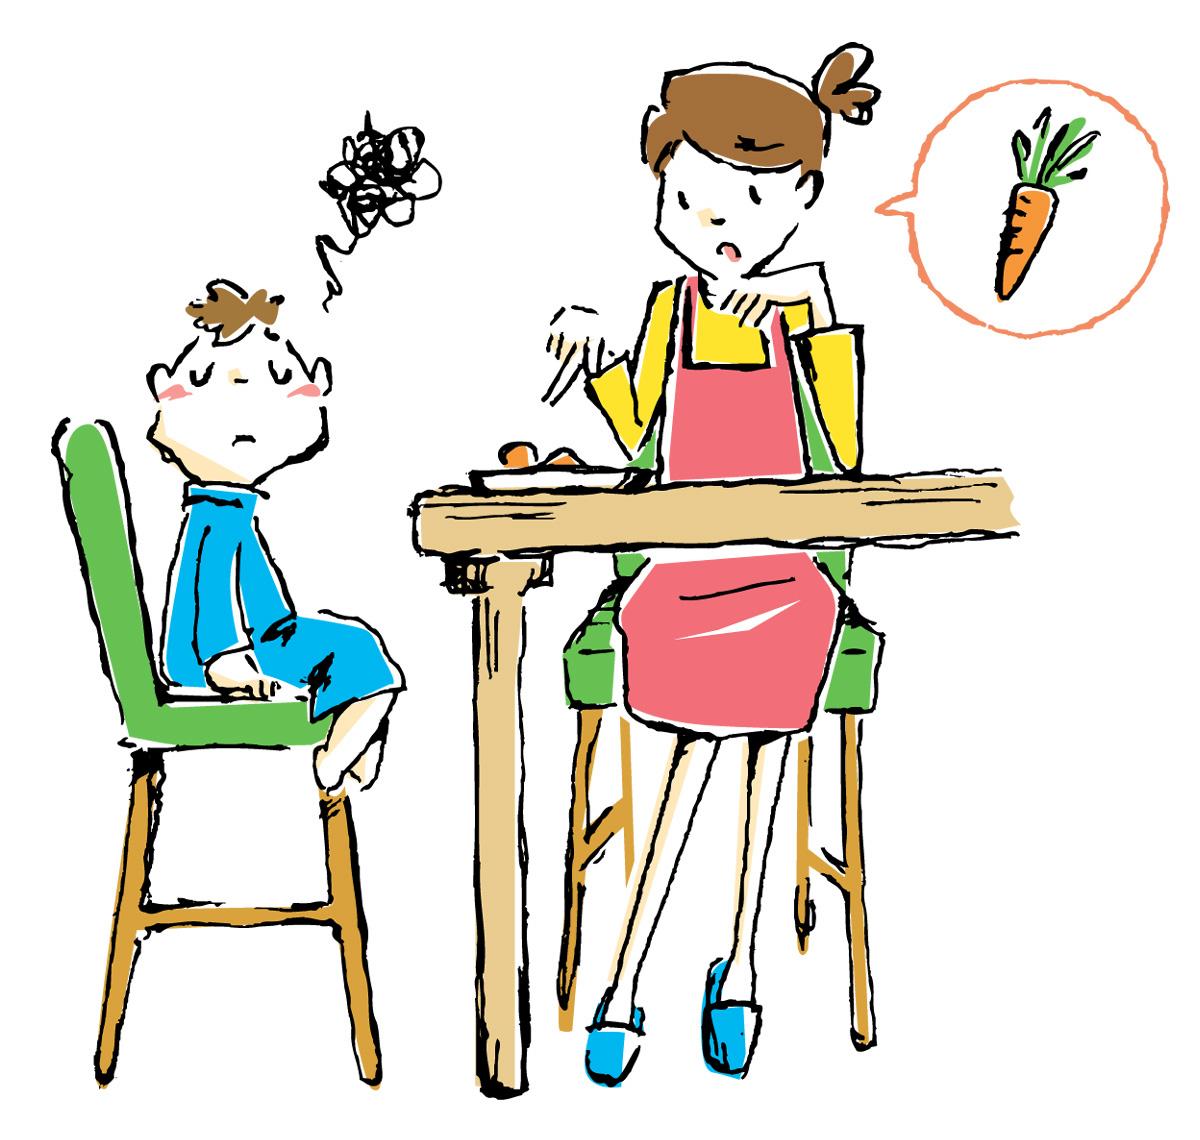 子供の好き嫌い 無理やり食べさせても大丈夫?好き嫌いの原因と対処法 我が家の場合。